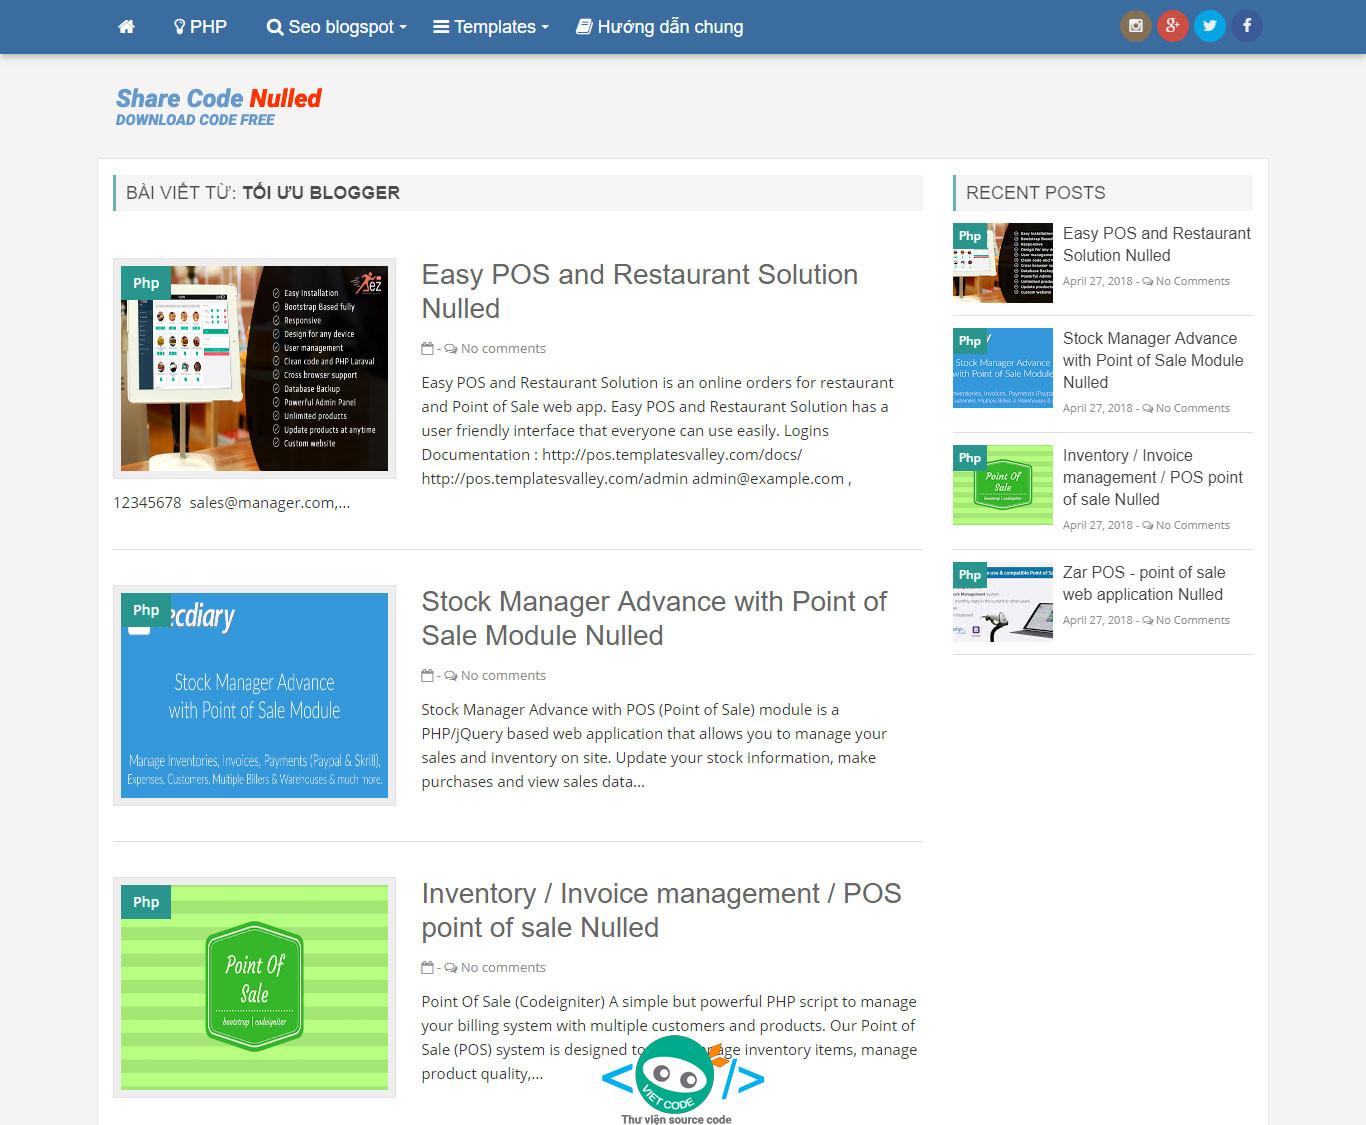 Chia sẻ Template Blogspost tin tức đẹp và tối ưu SEO